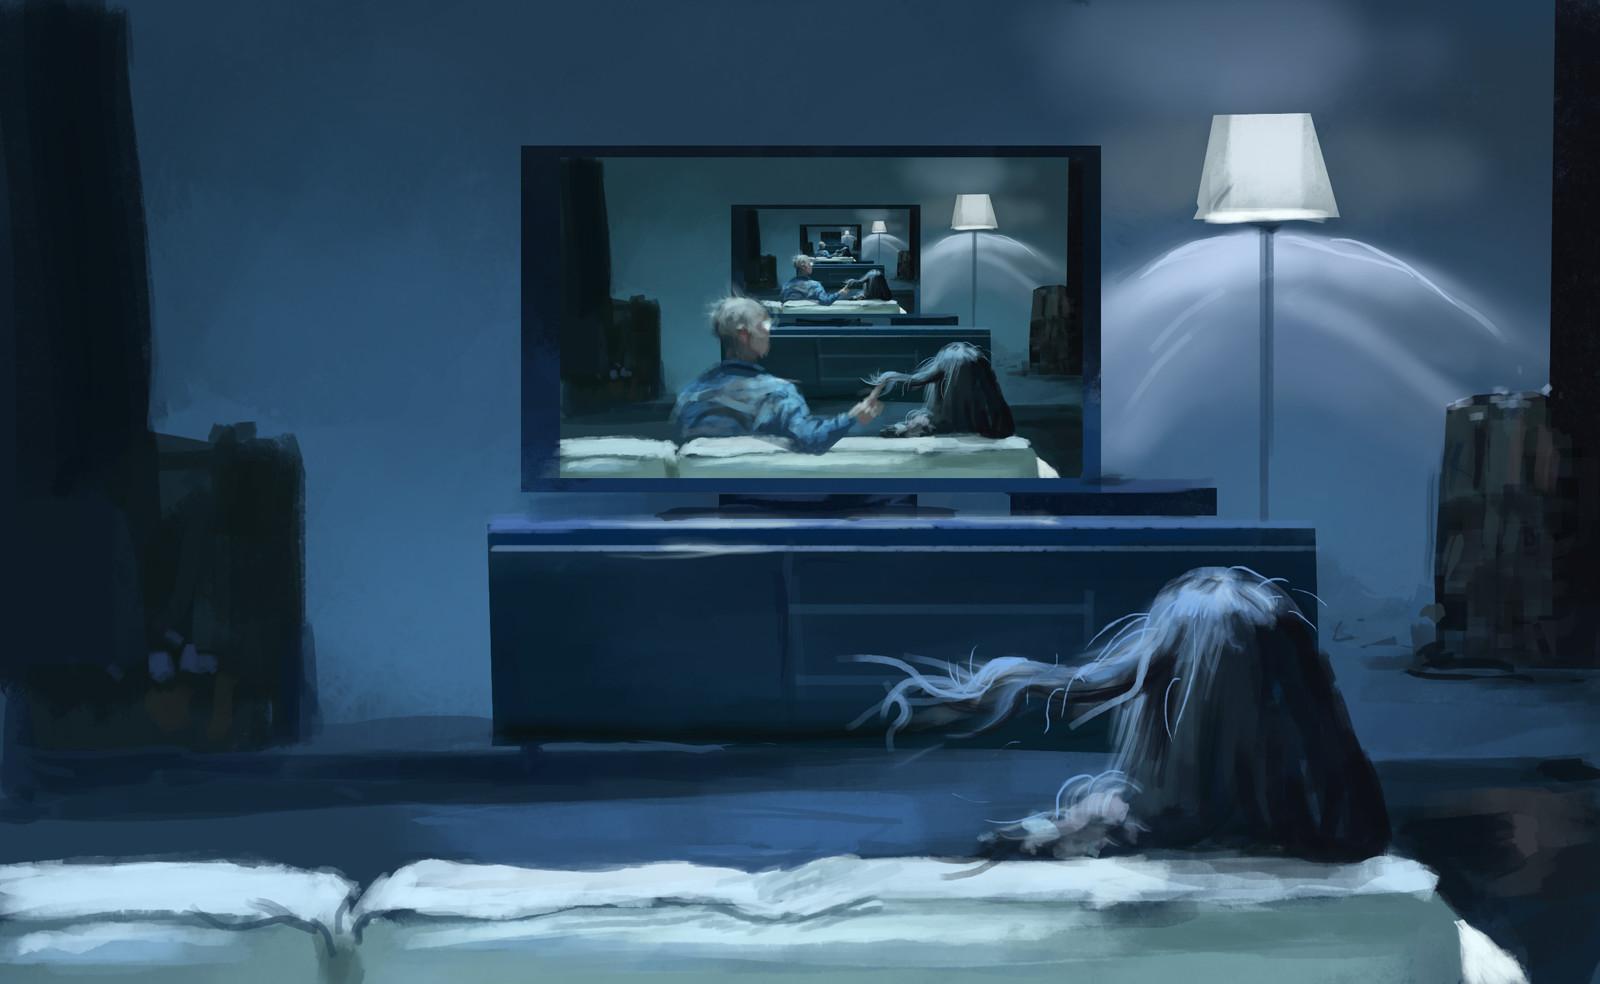 On Tv2